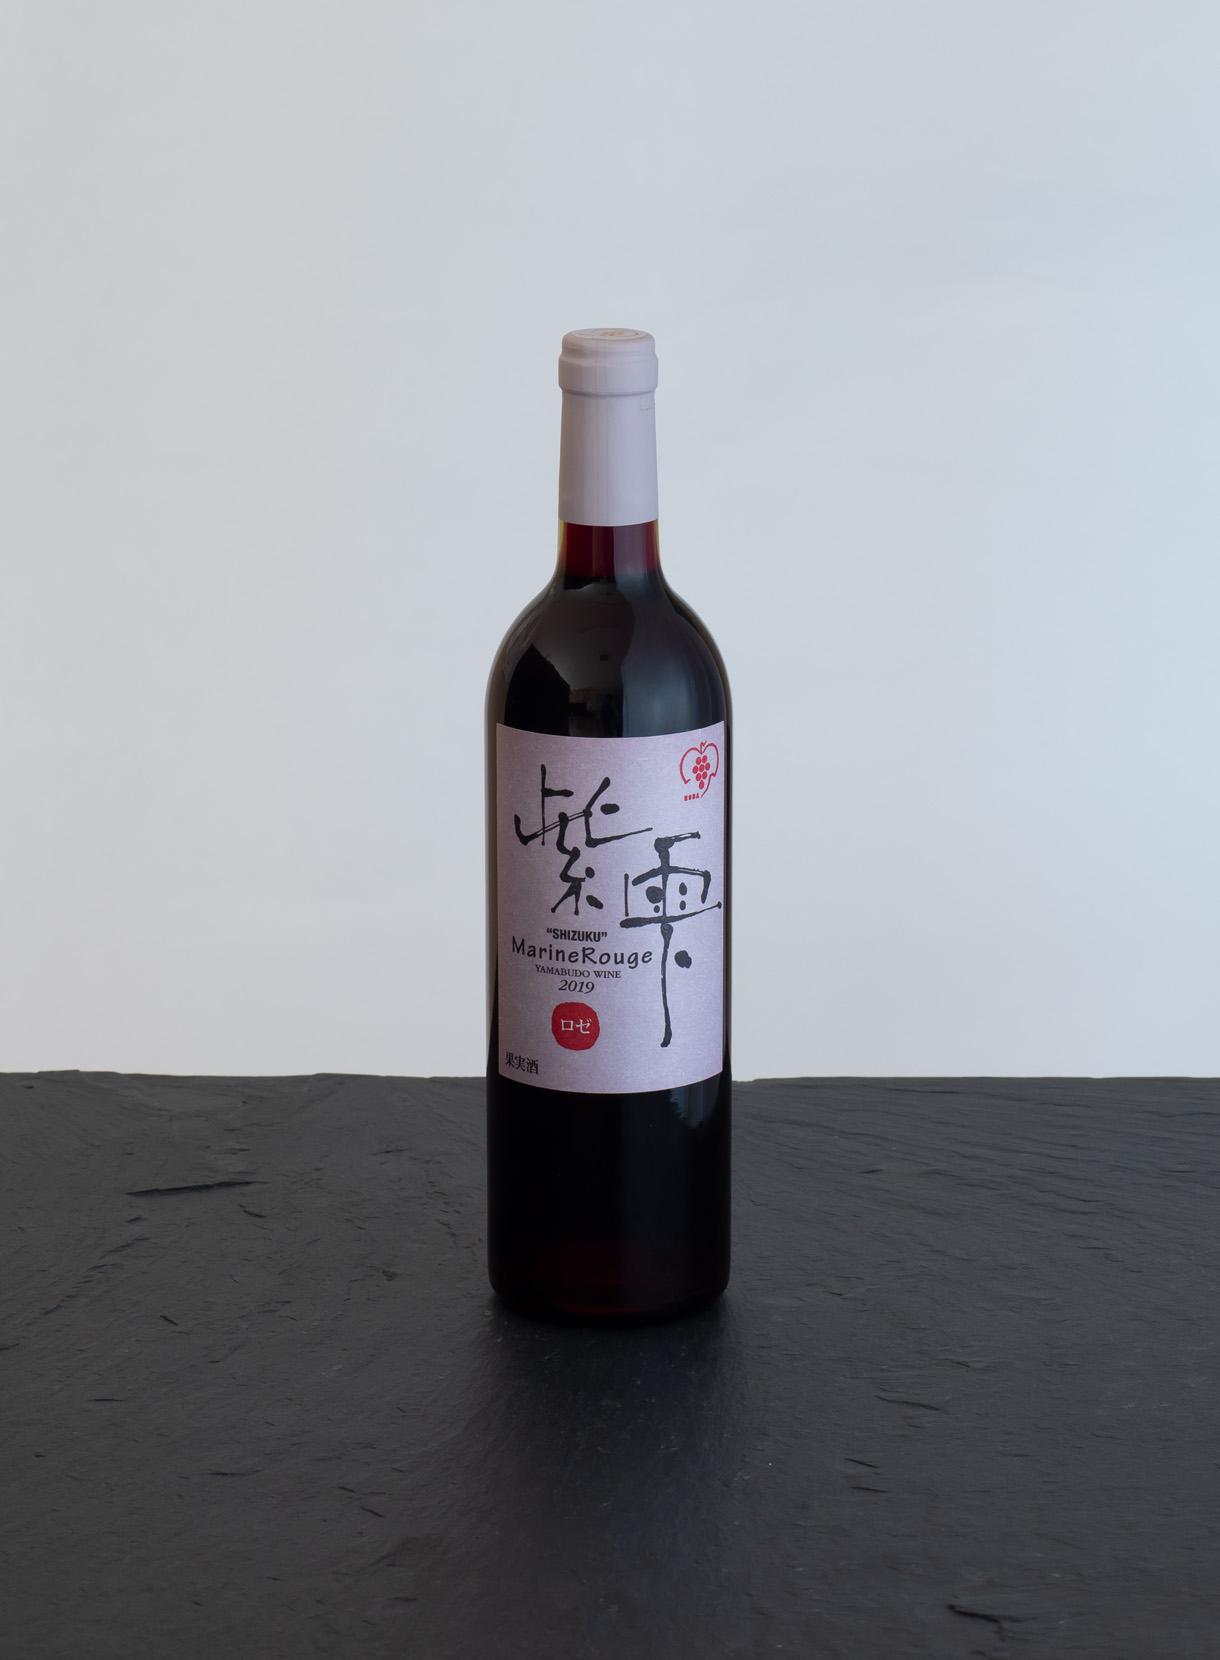 山葡萄ワイン 紫雫 Marine Rouge(ロゼ)